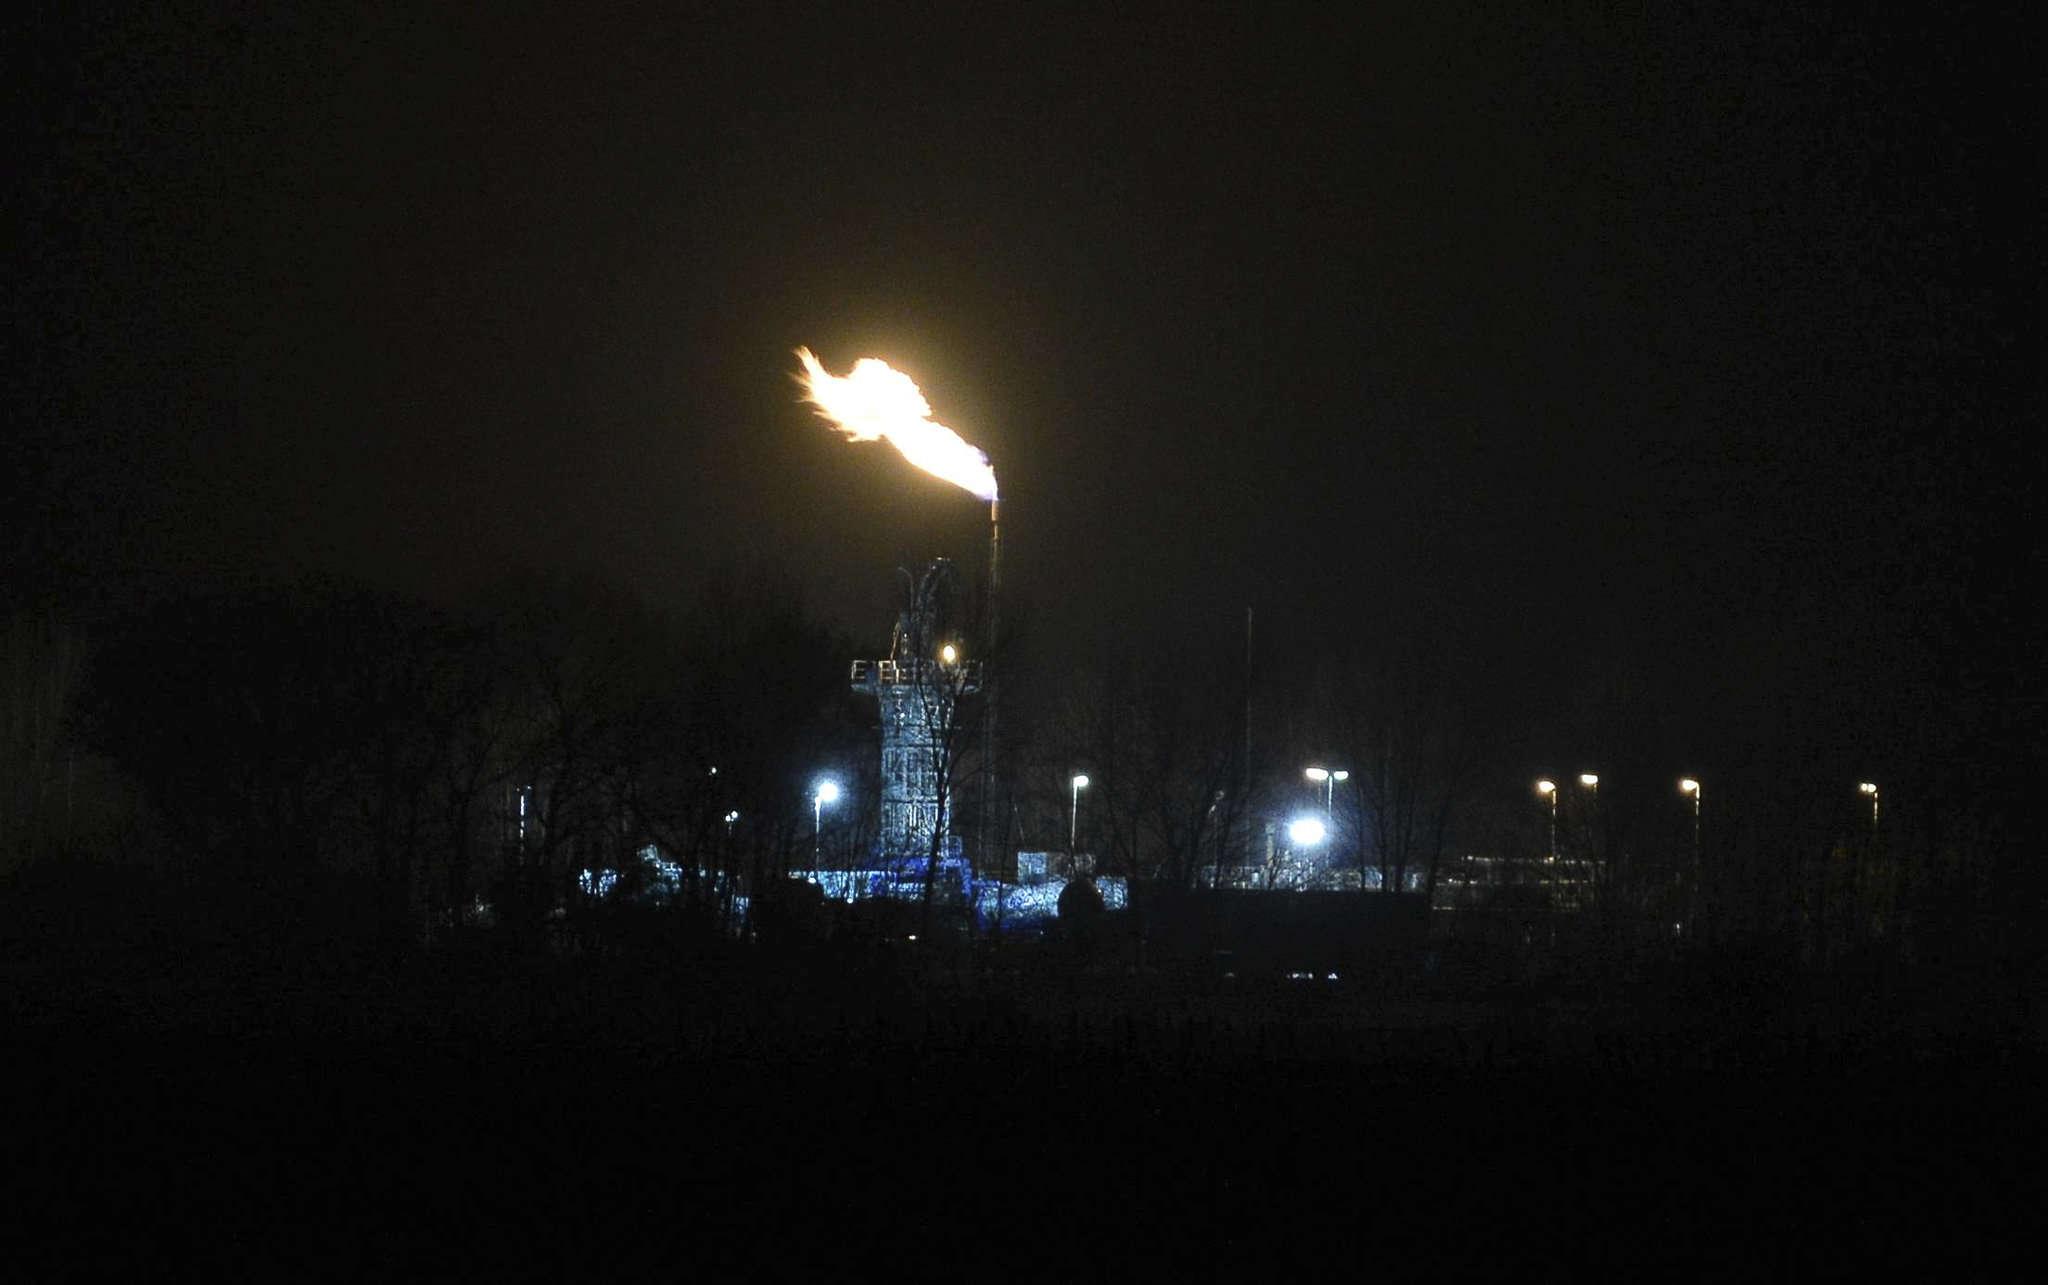 Fackelarbeiten an der Gasbohrung Bötersen Z4: Das ist der Grund für die illuminierte Nacht.